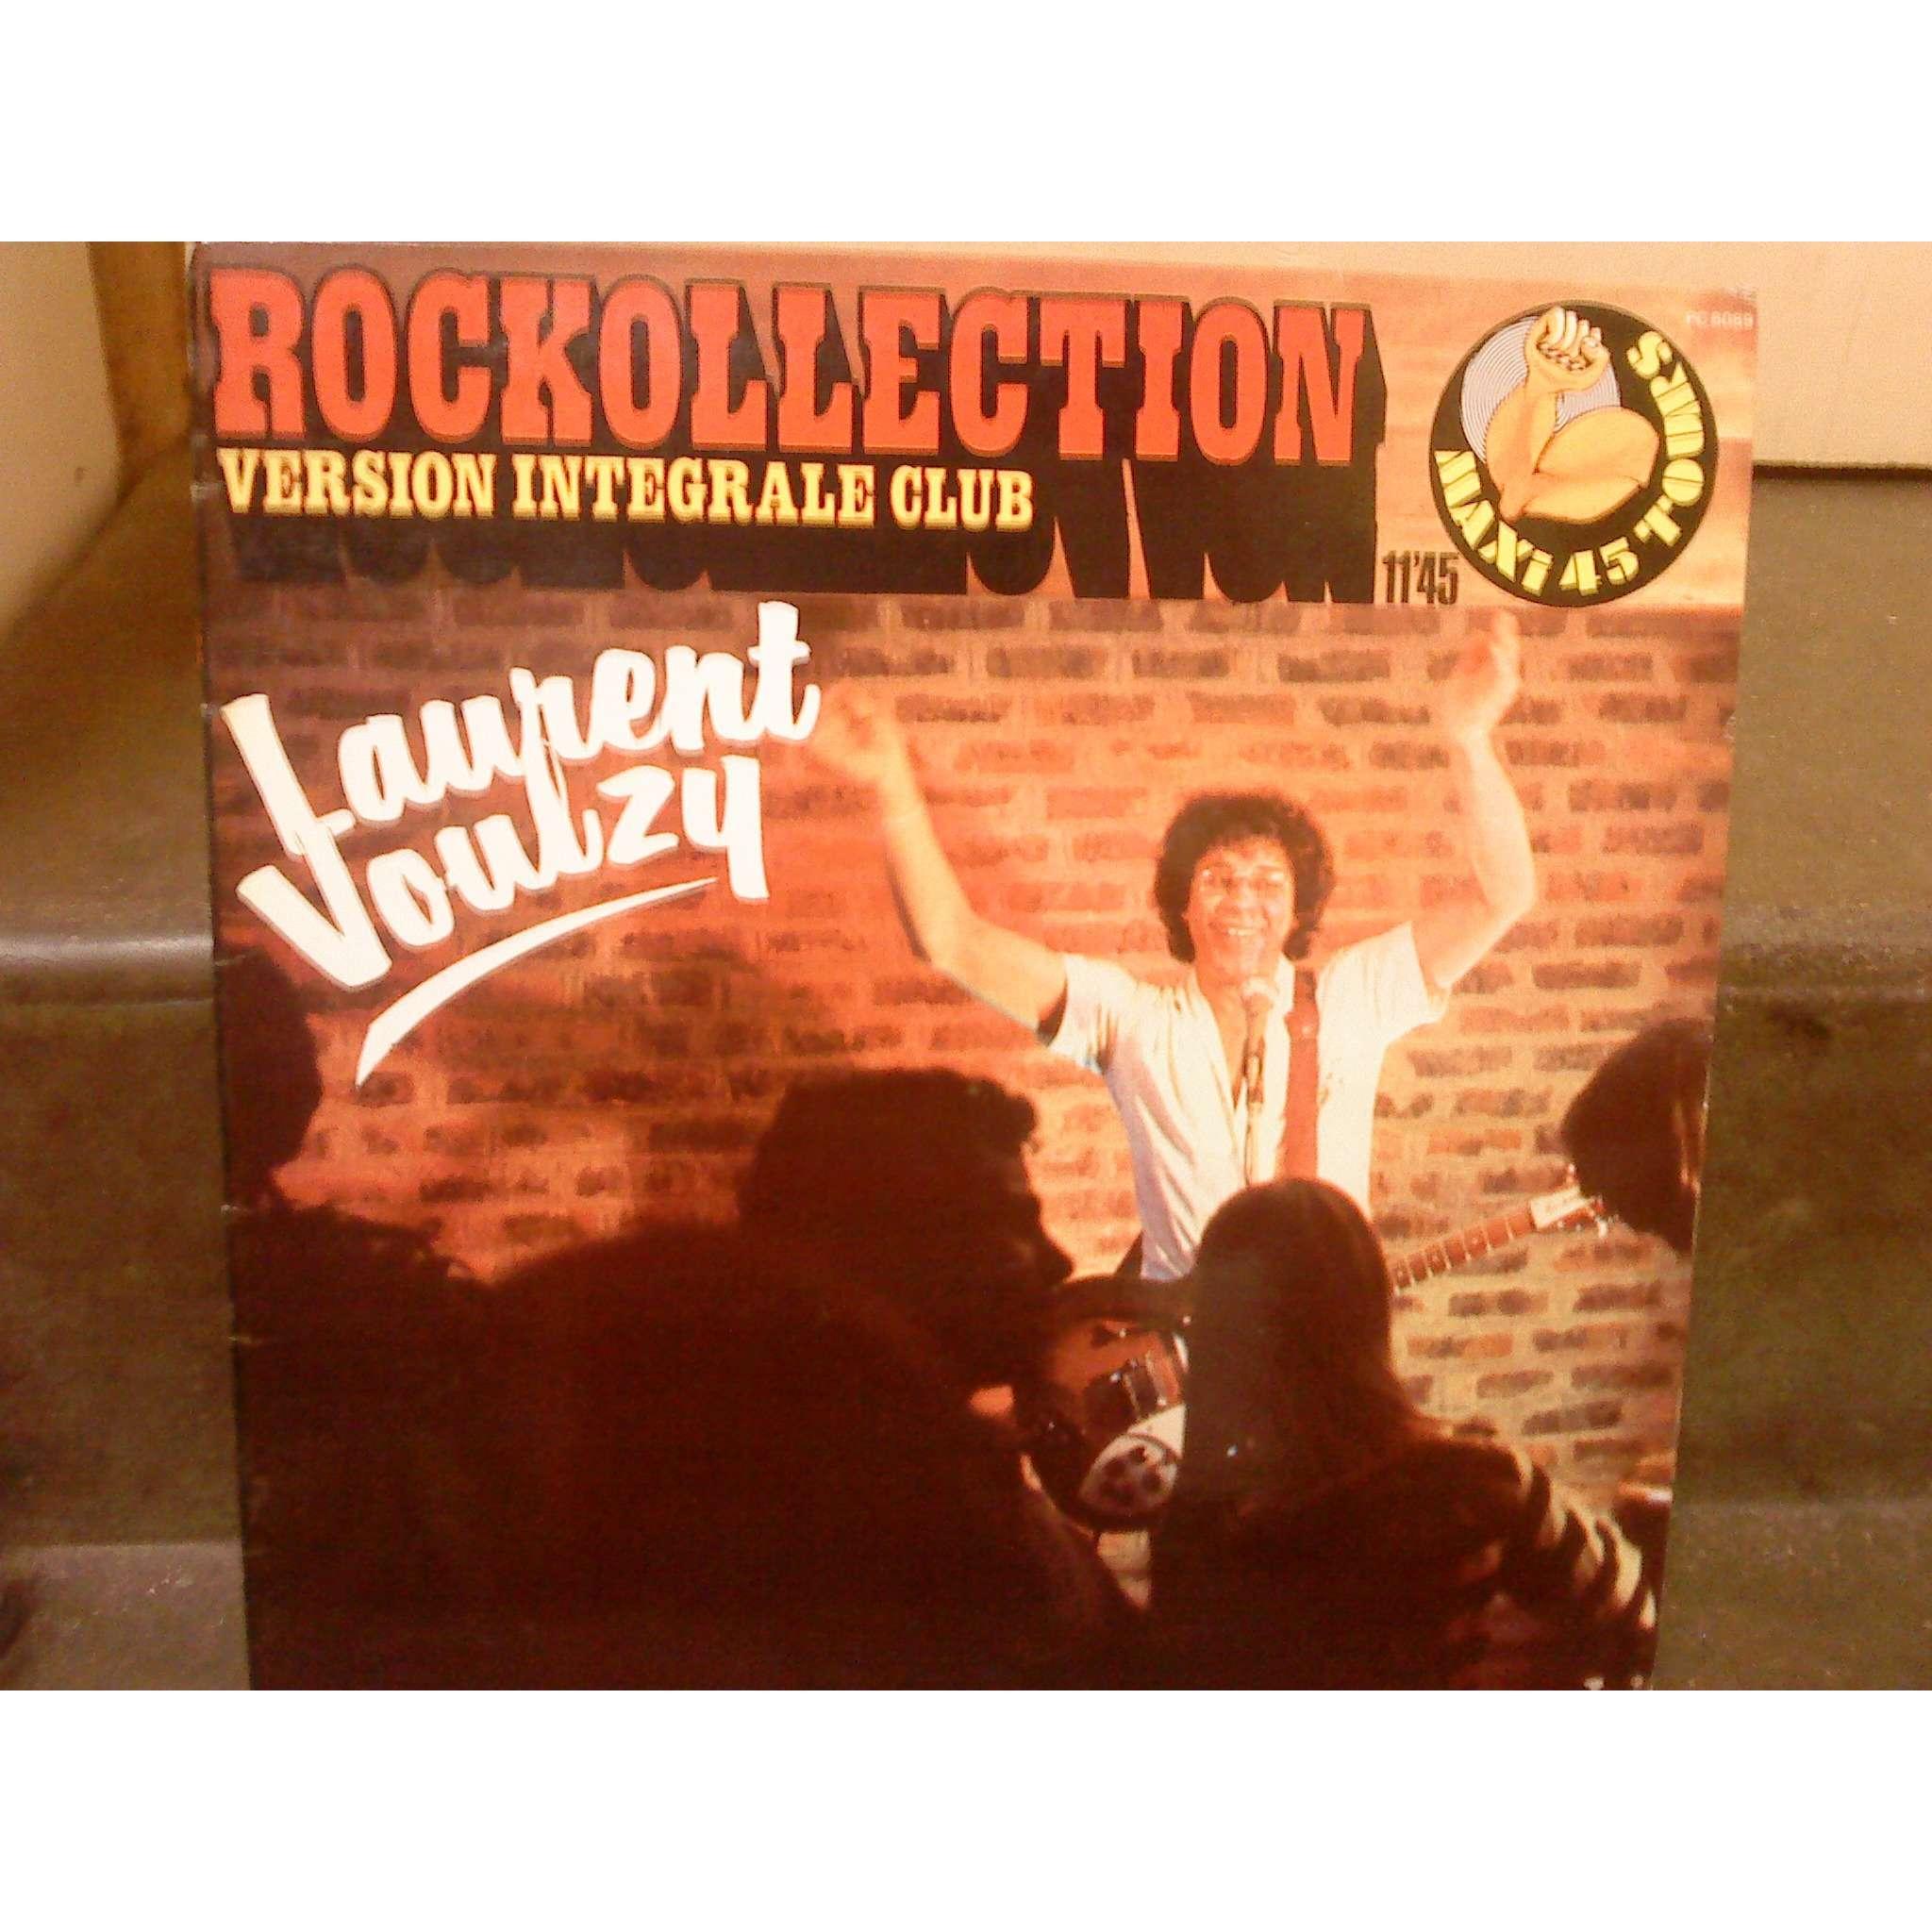 Laurent voulzy rockollection part i part ii final for Laurent voulzy le miroir